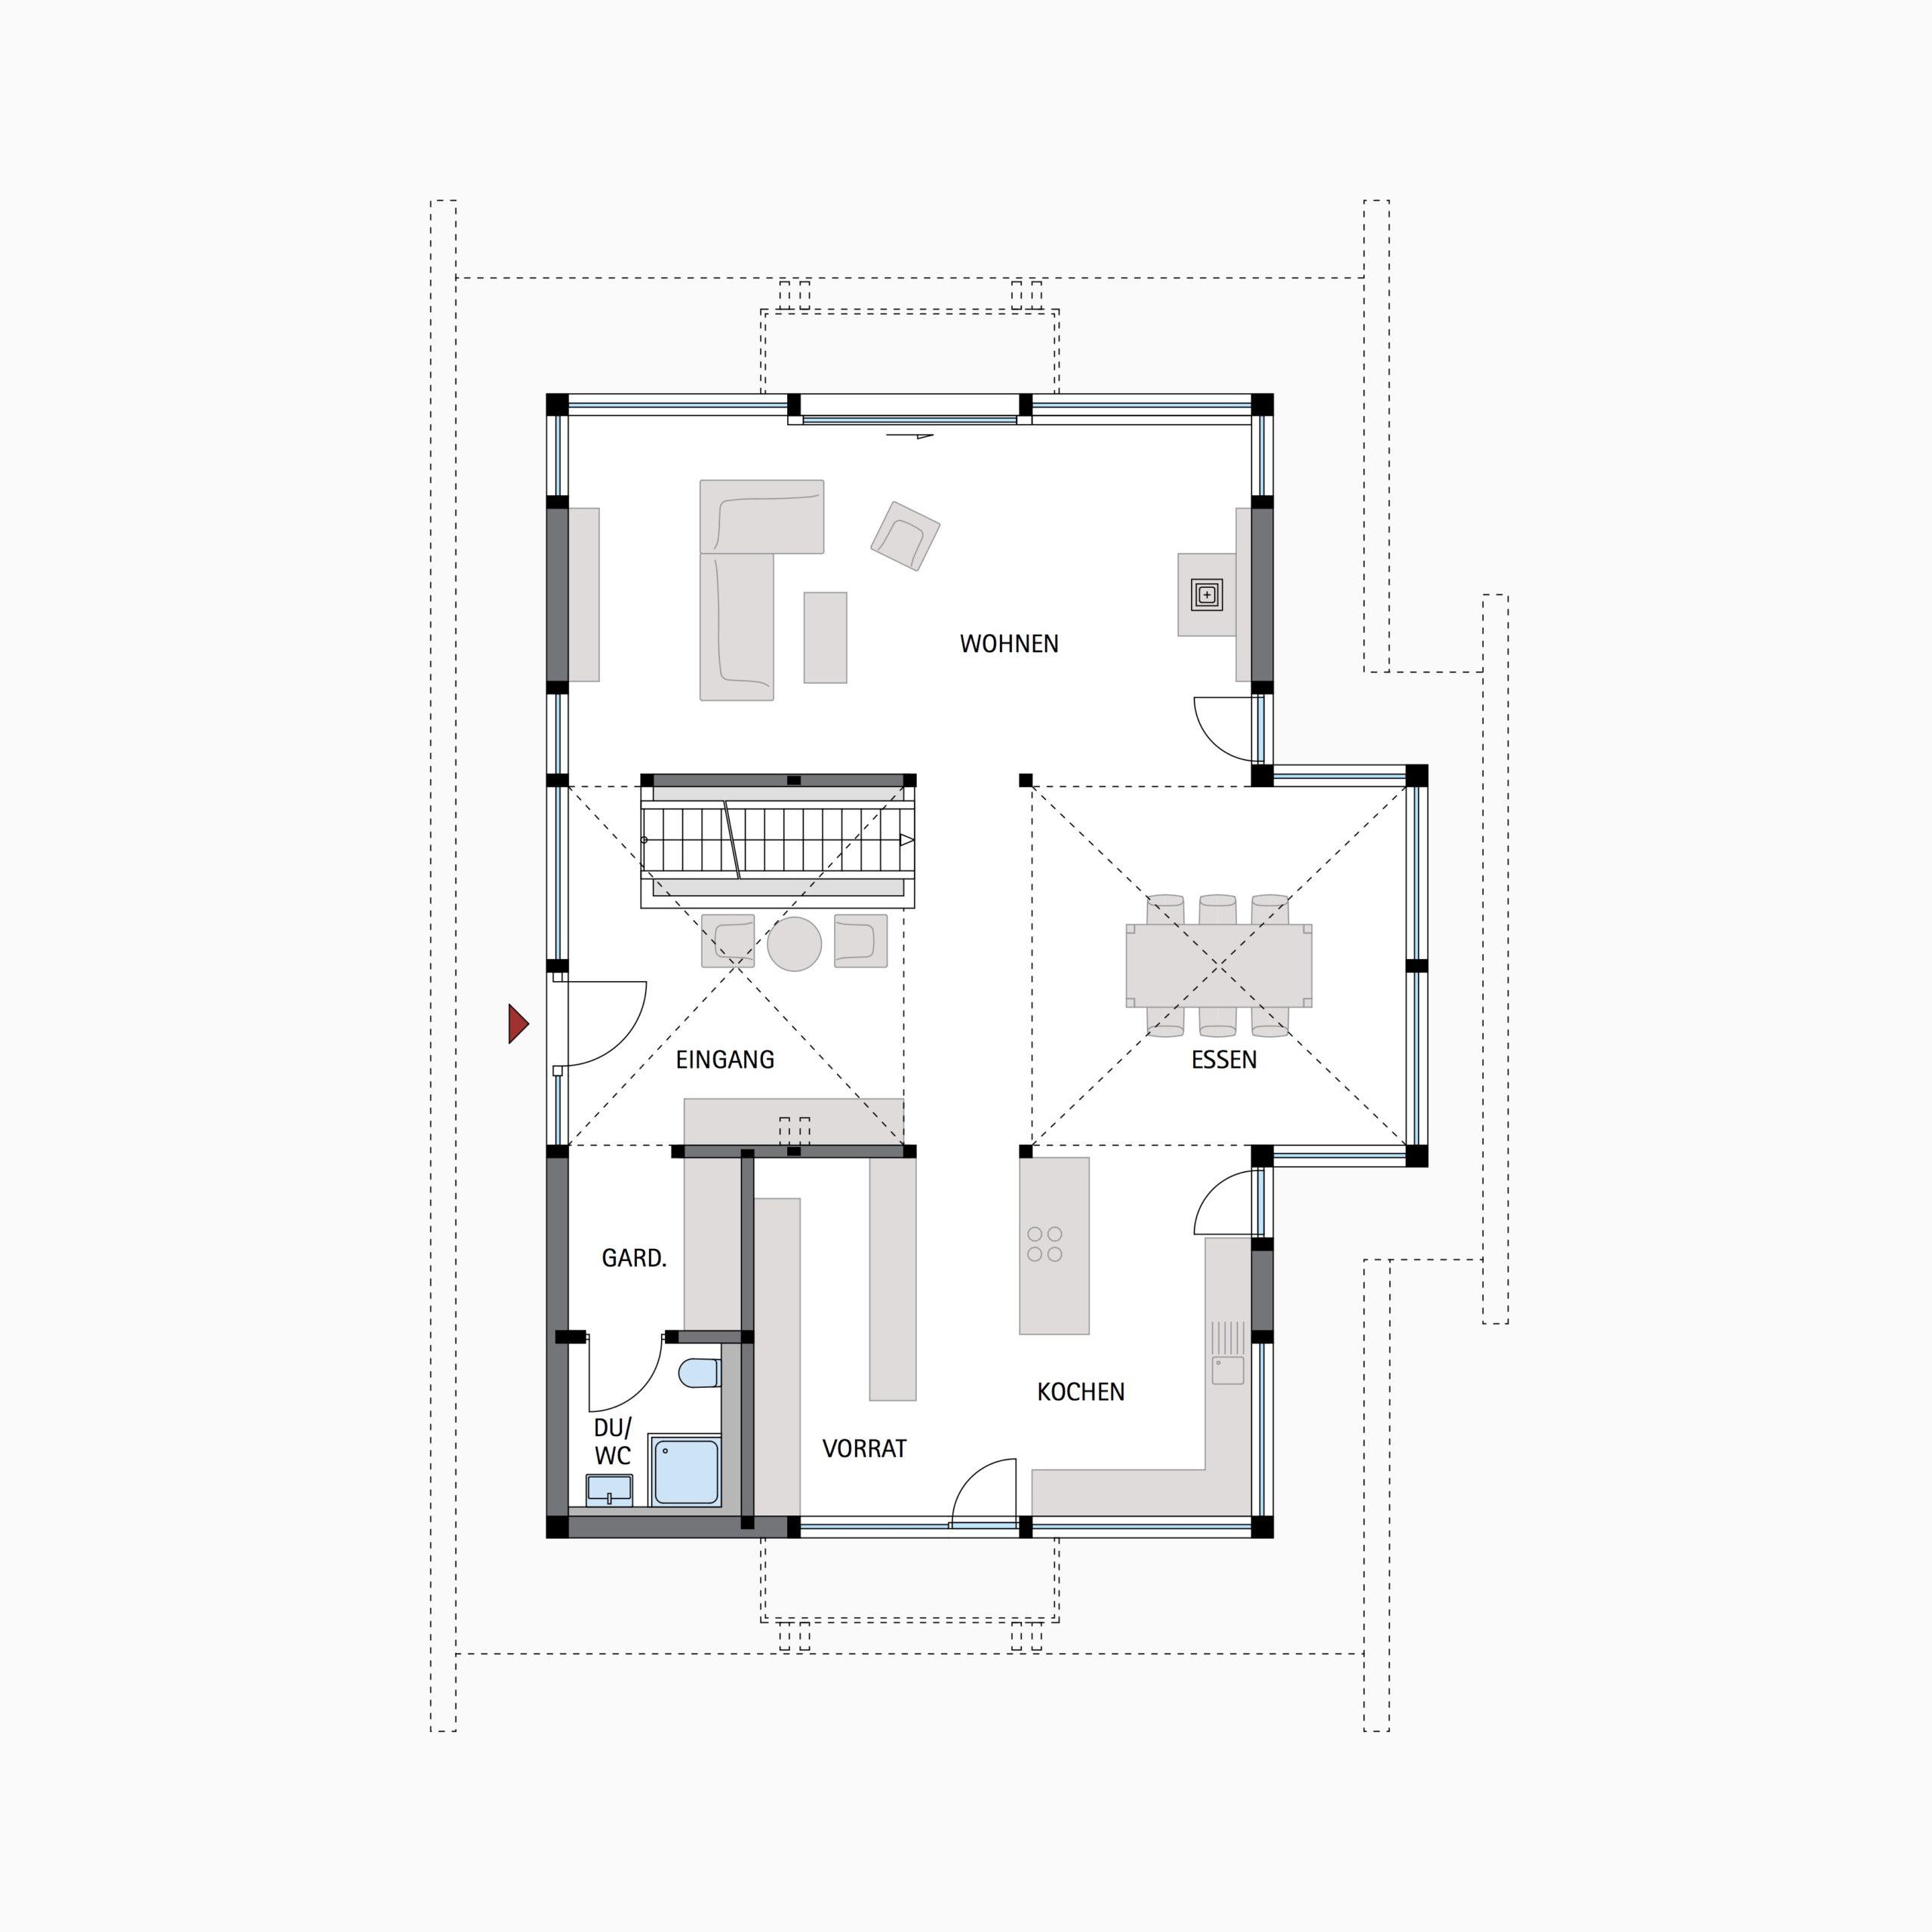 HUF HAUS ART 3 - Die Architektur